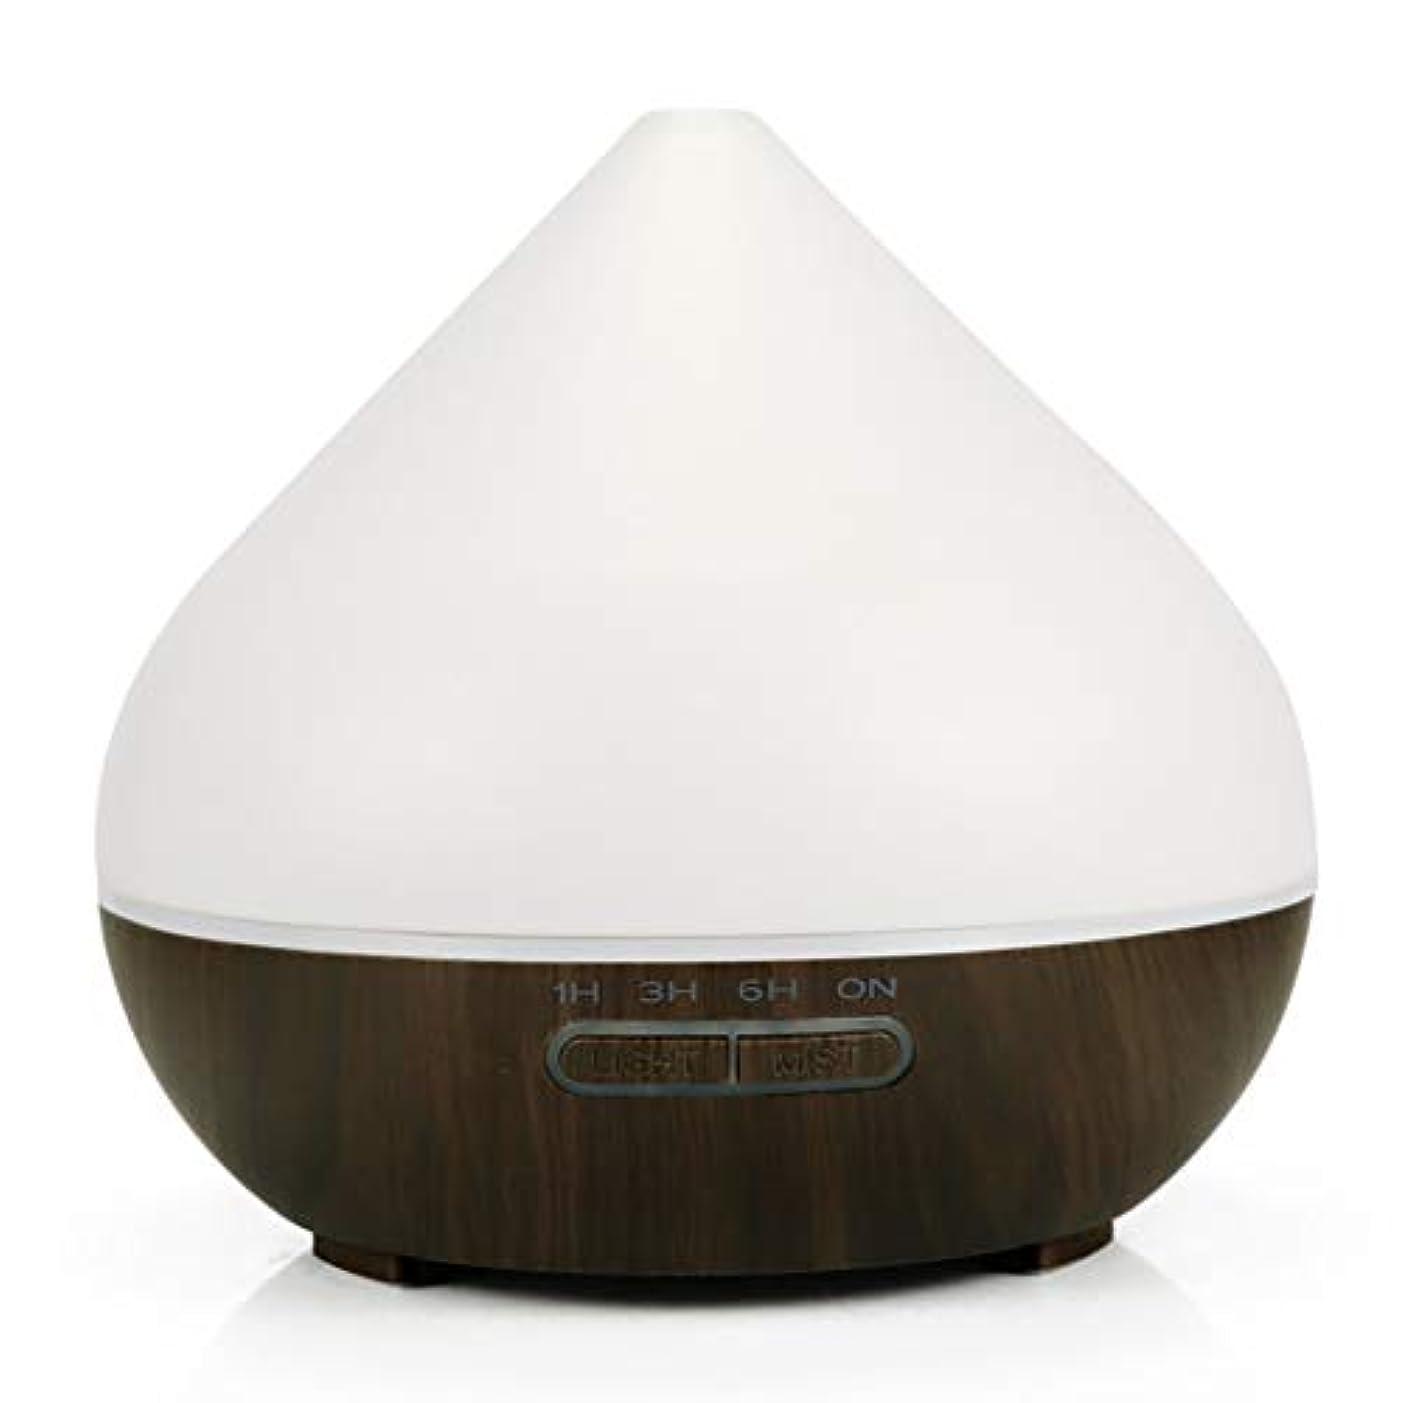 ロイヤリティ落ち込んでいるアクチュエータ超音波アロマセラピー香りの良い加湿器、300mlアロマセラピーエッセンシャルオイルディフューザー、寝室用の7つのLEDライトカラー、ホーム、オフィス,darkbase